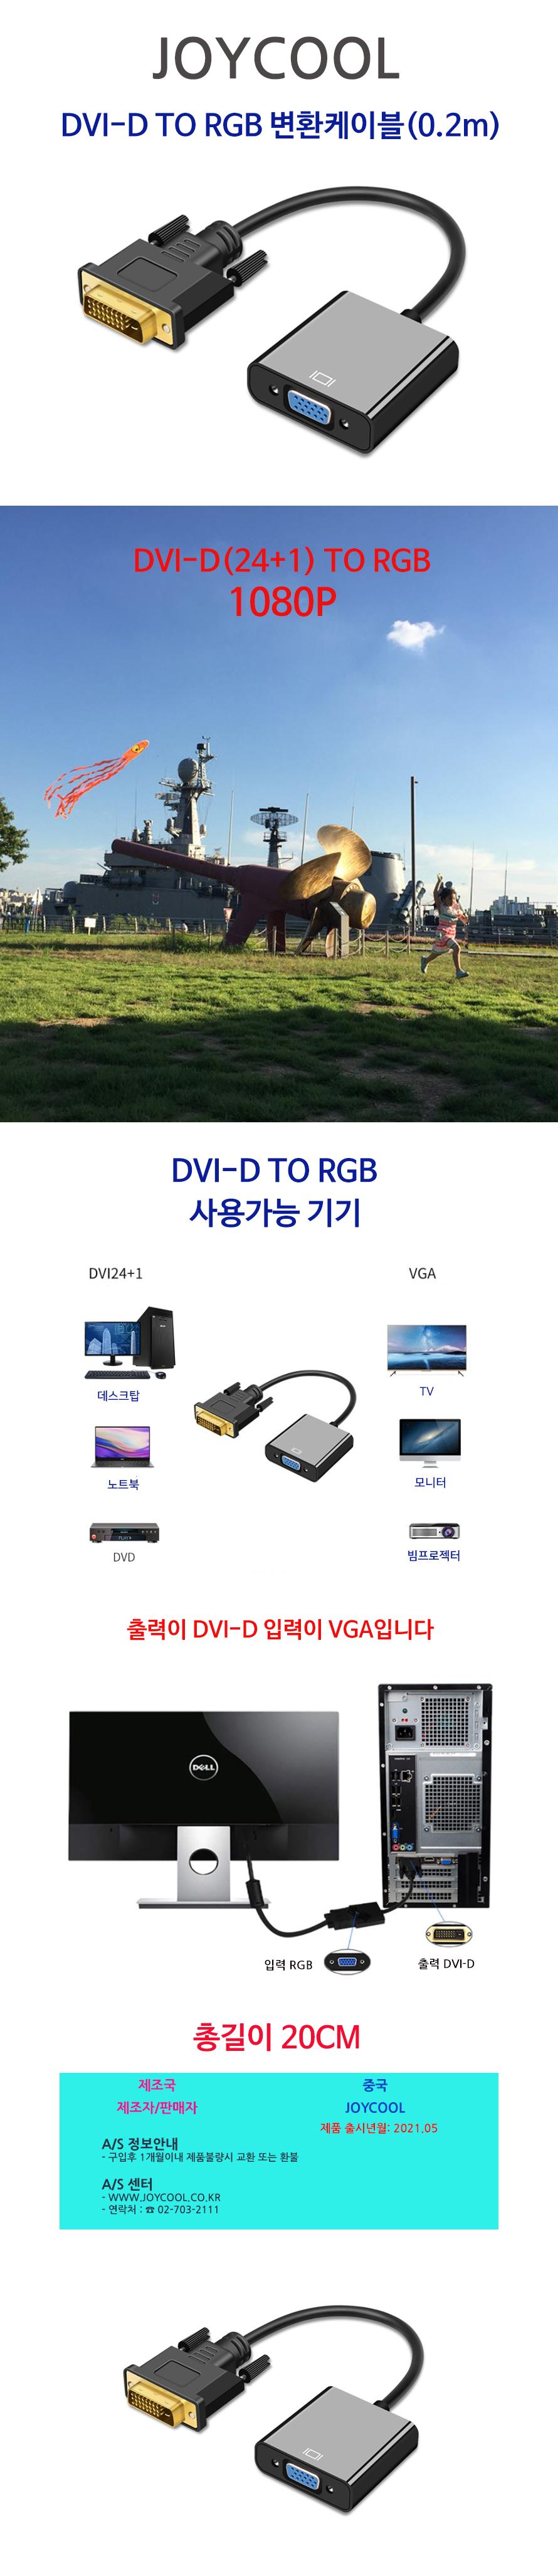 조이쿨 조이쿨 DVI-D to RGB 변환 젠더